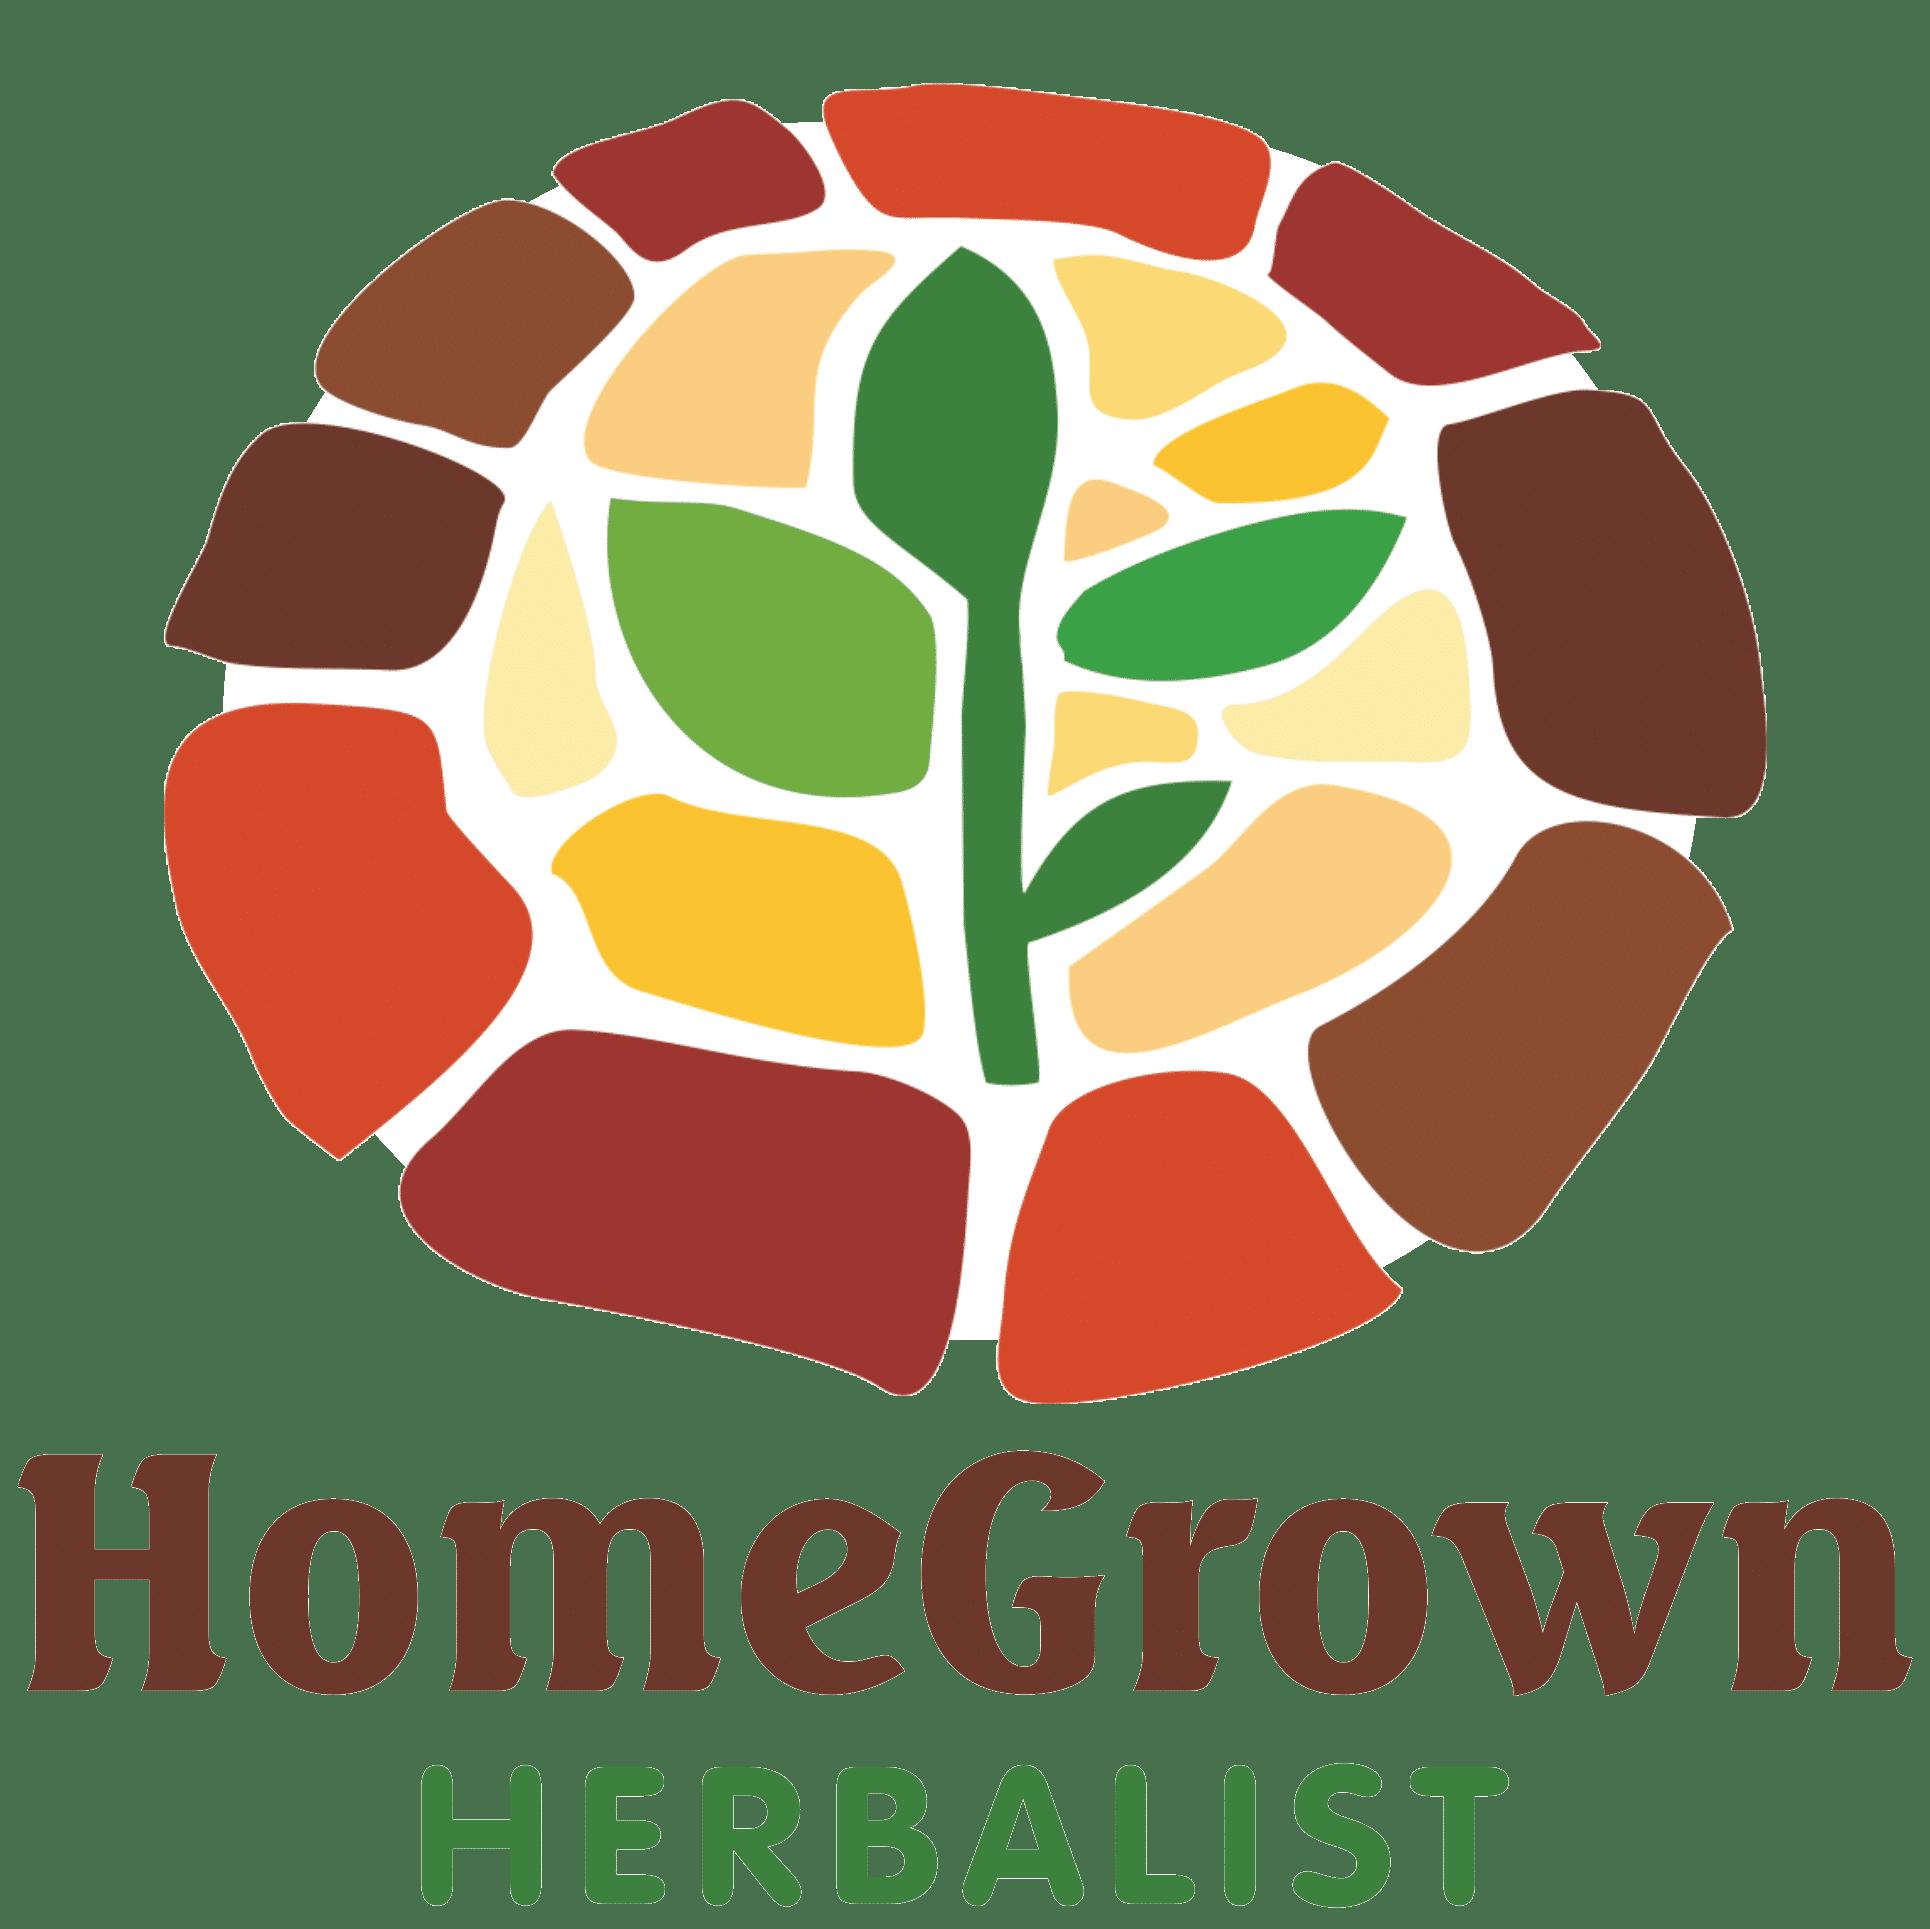 Homegrown Herbalist